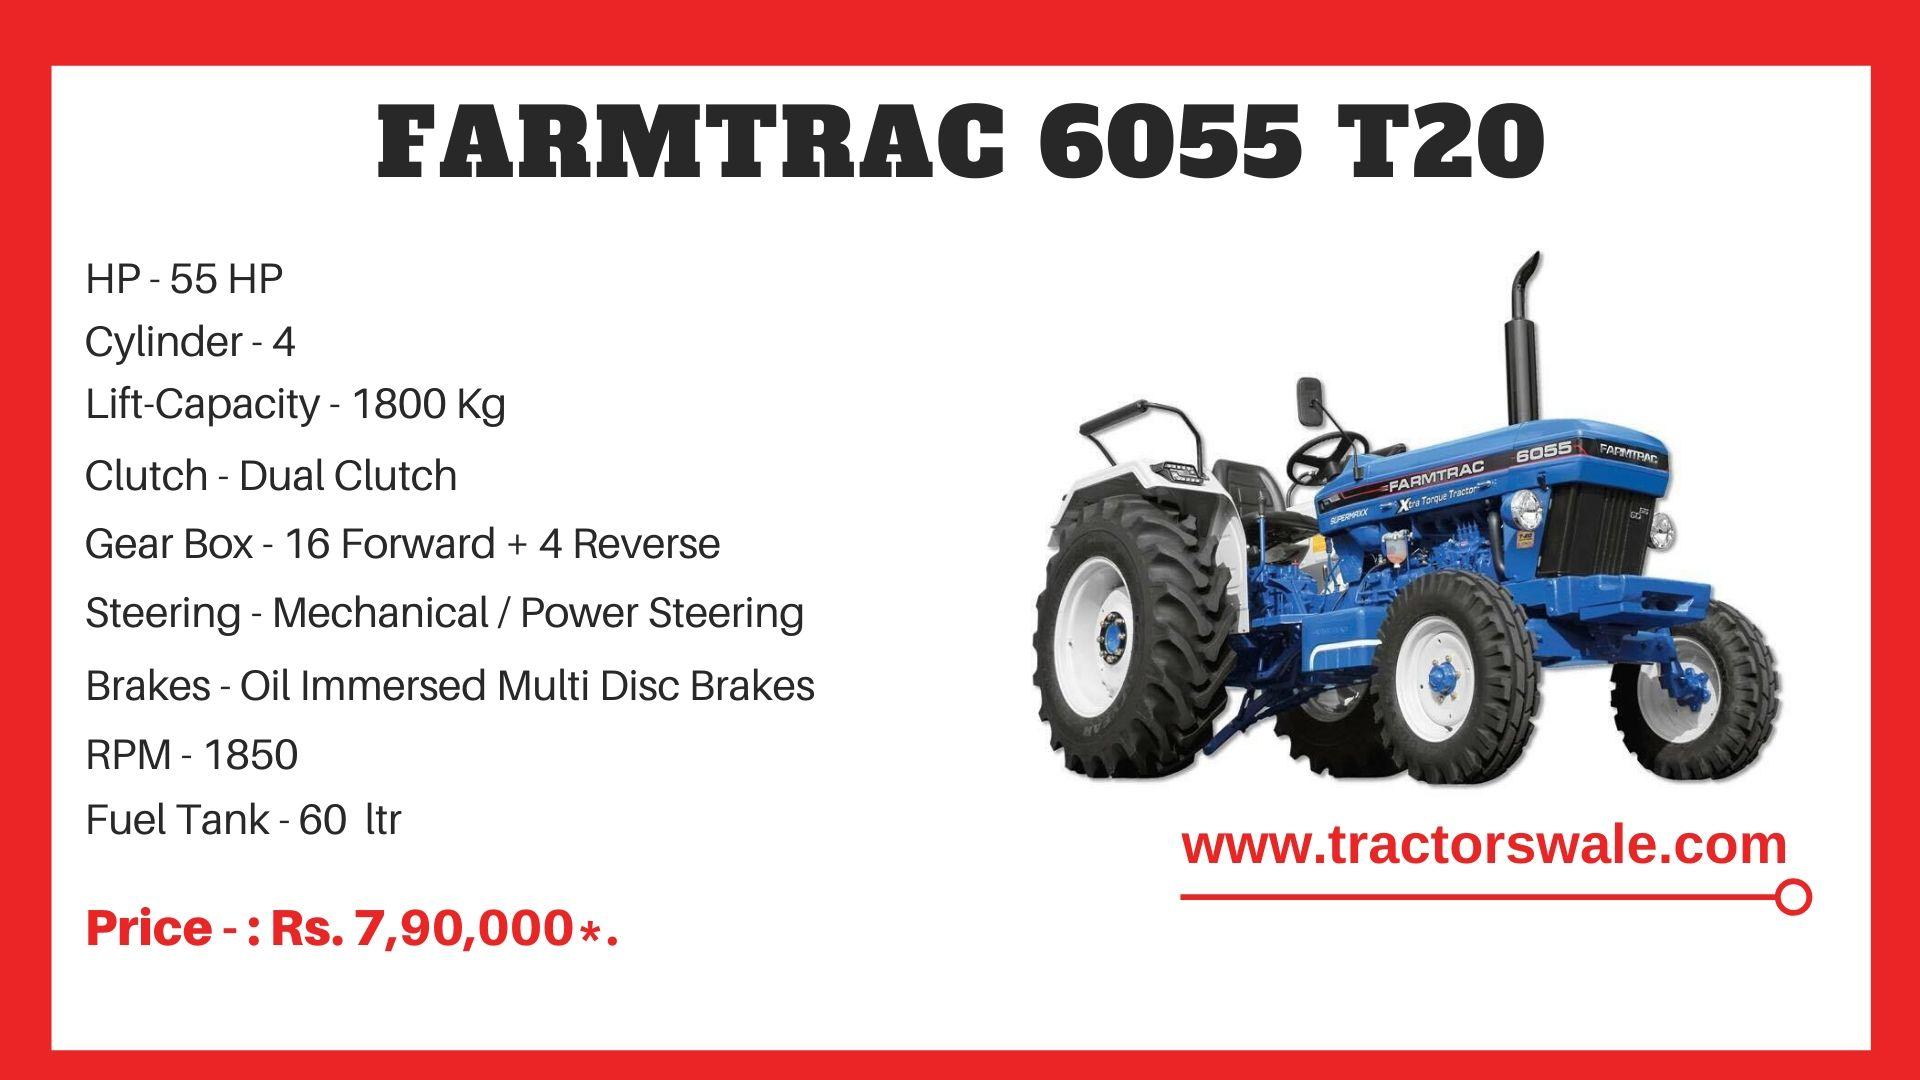 Farmtrac 6055 T20 tractor price